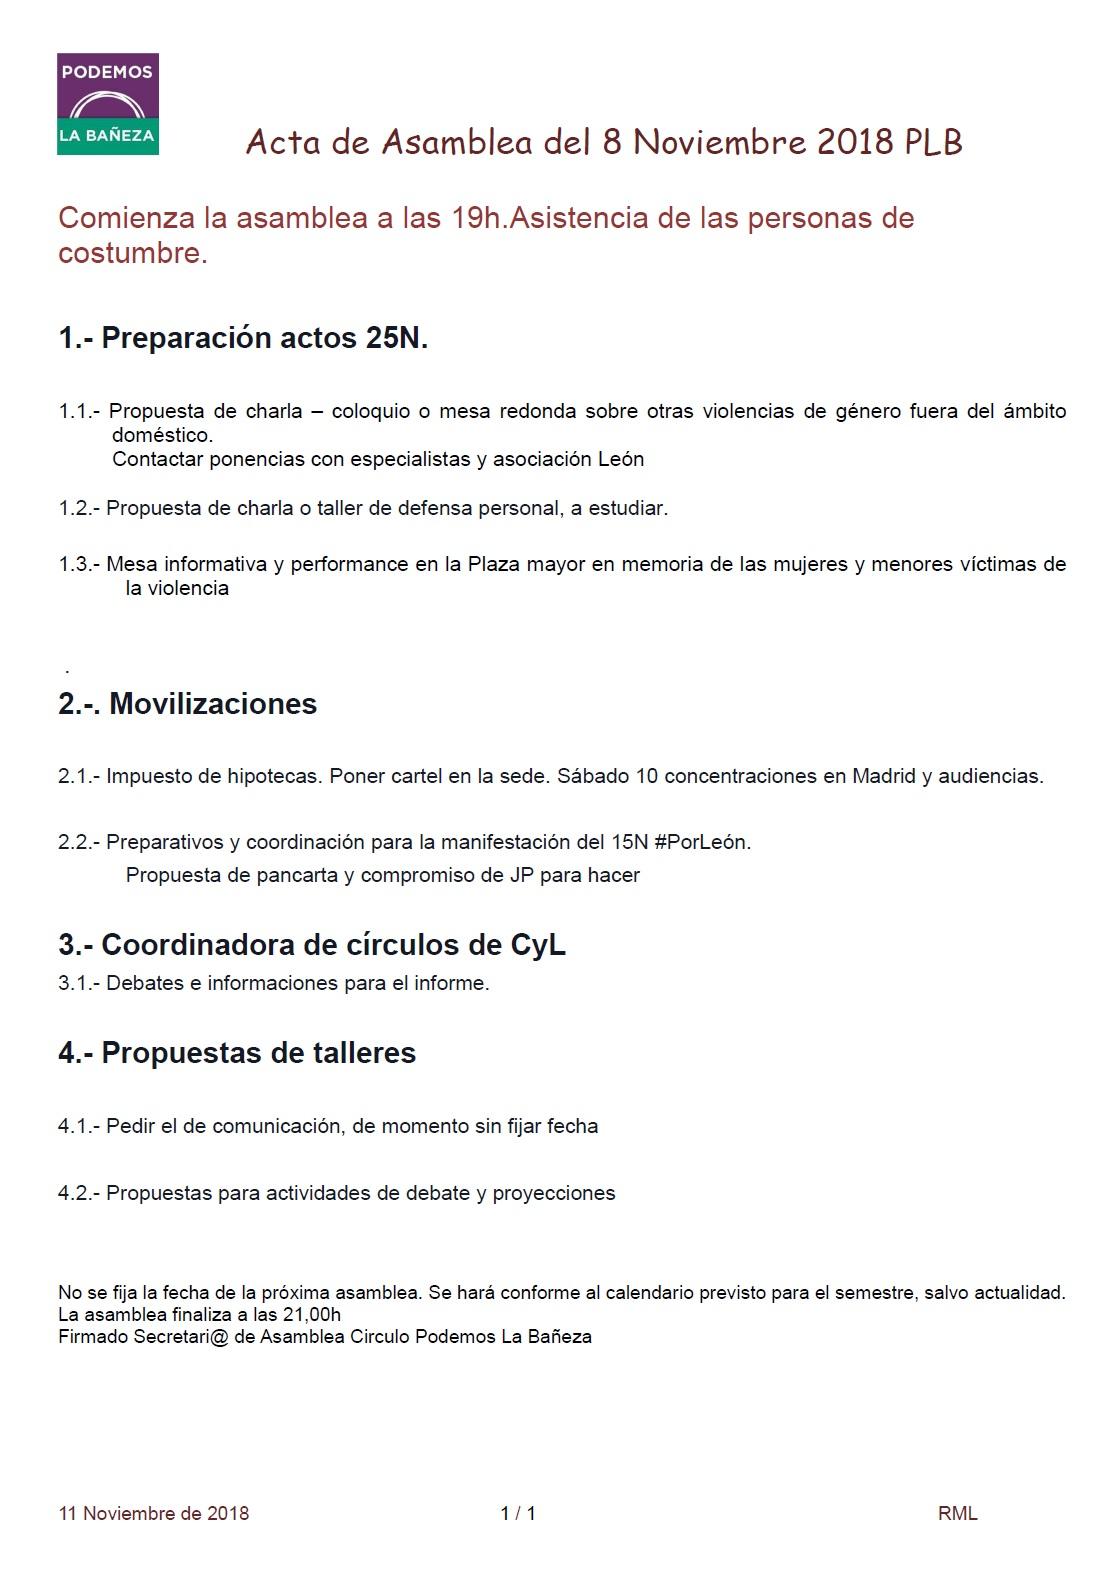 181108_Acta-Asamblea35